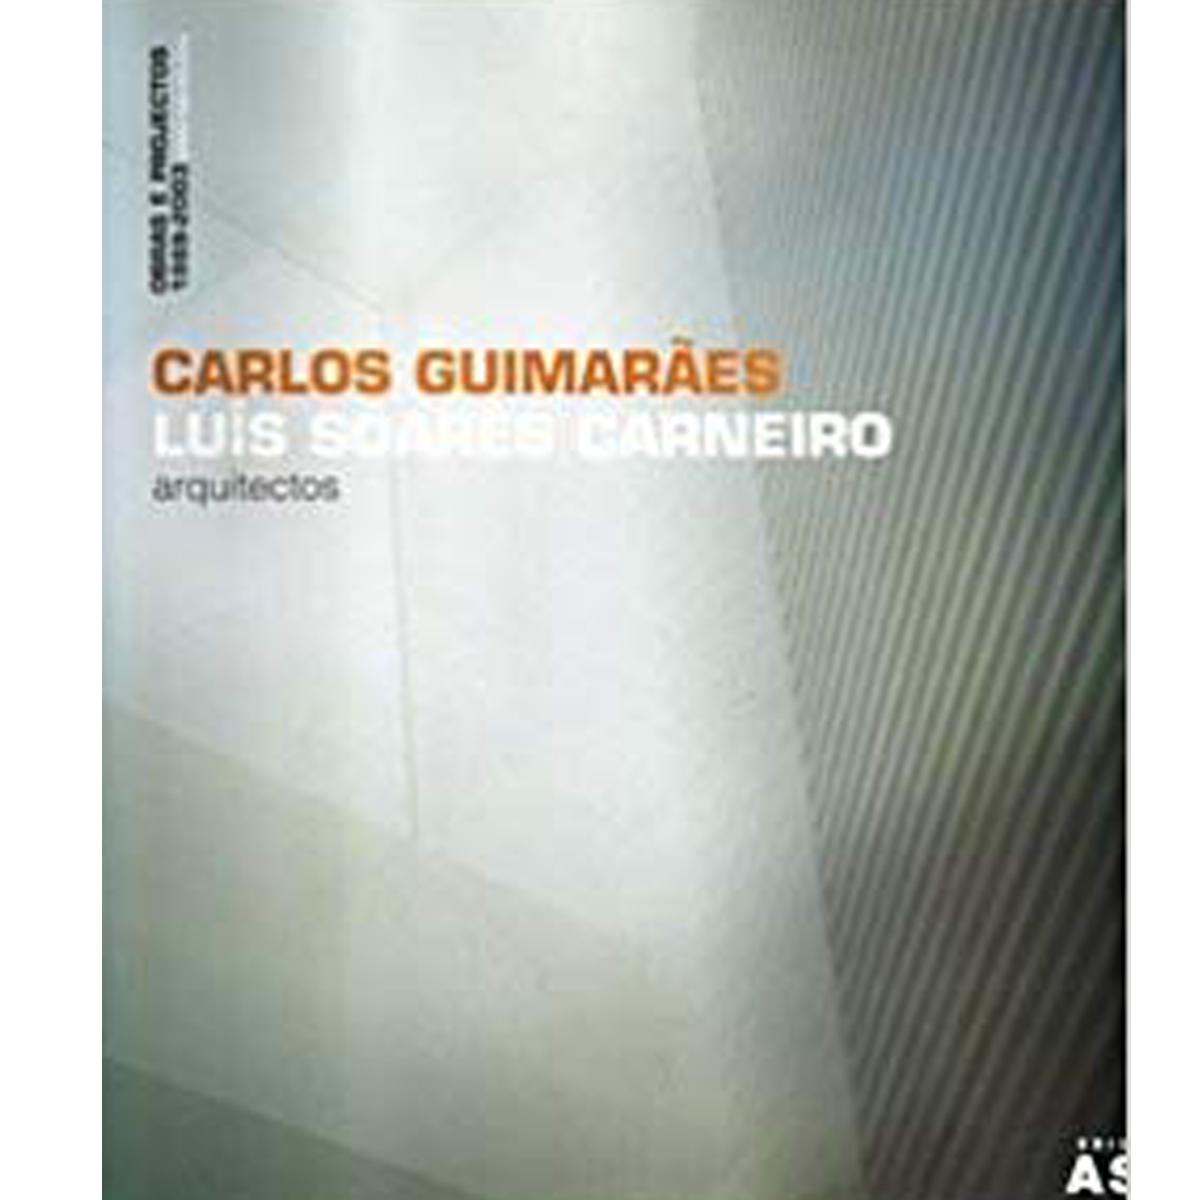 Carlos Guimarães & Luis Soares Carneiro